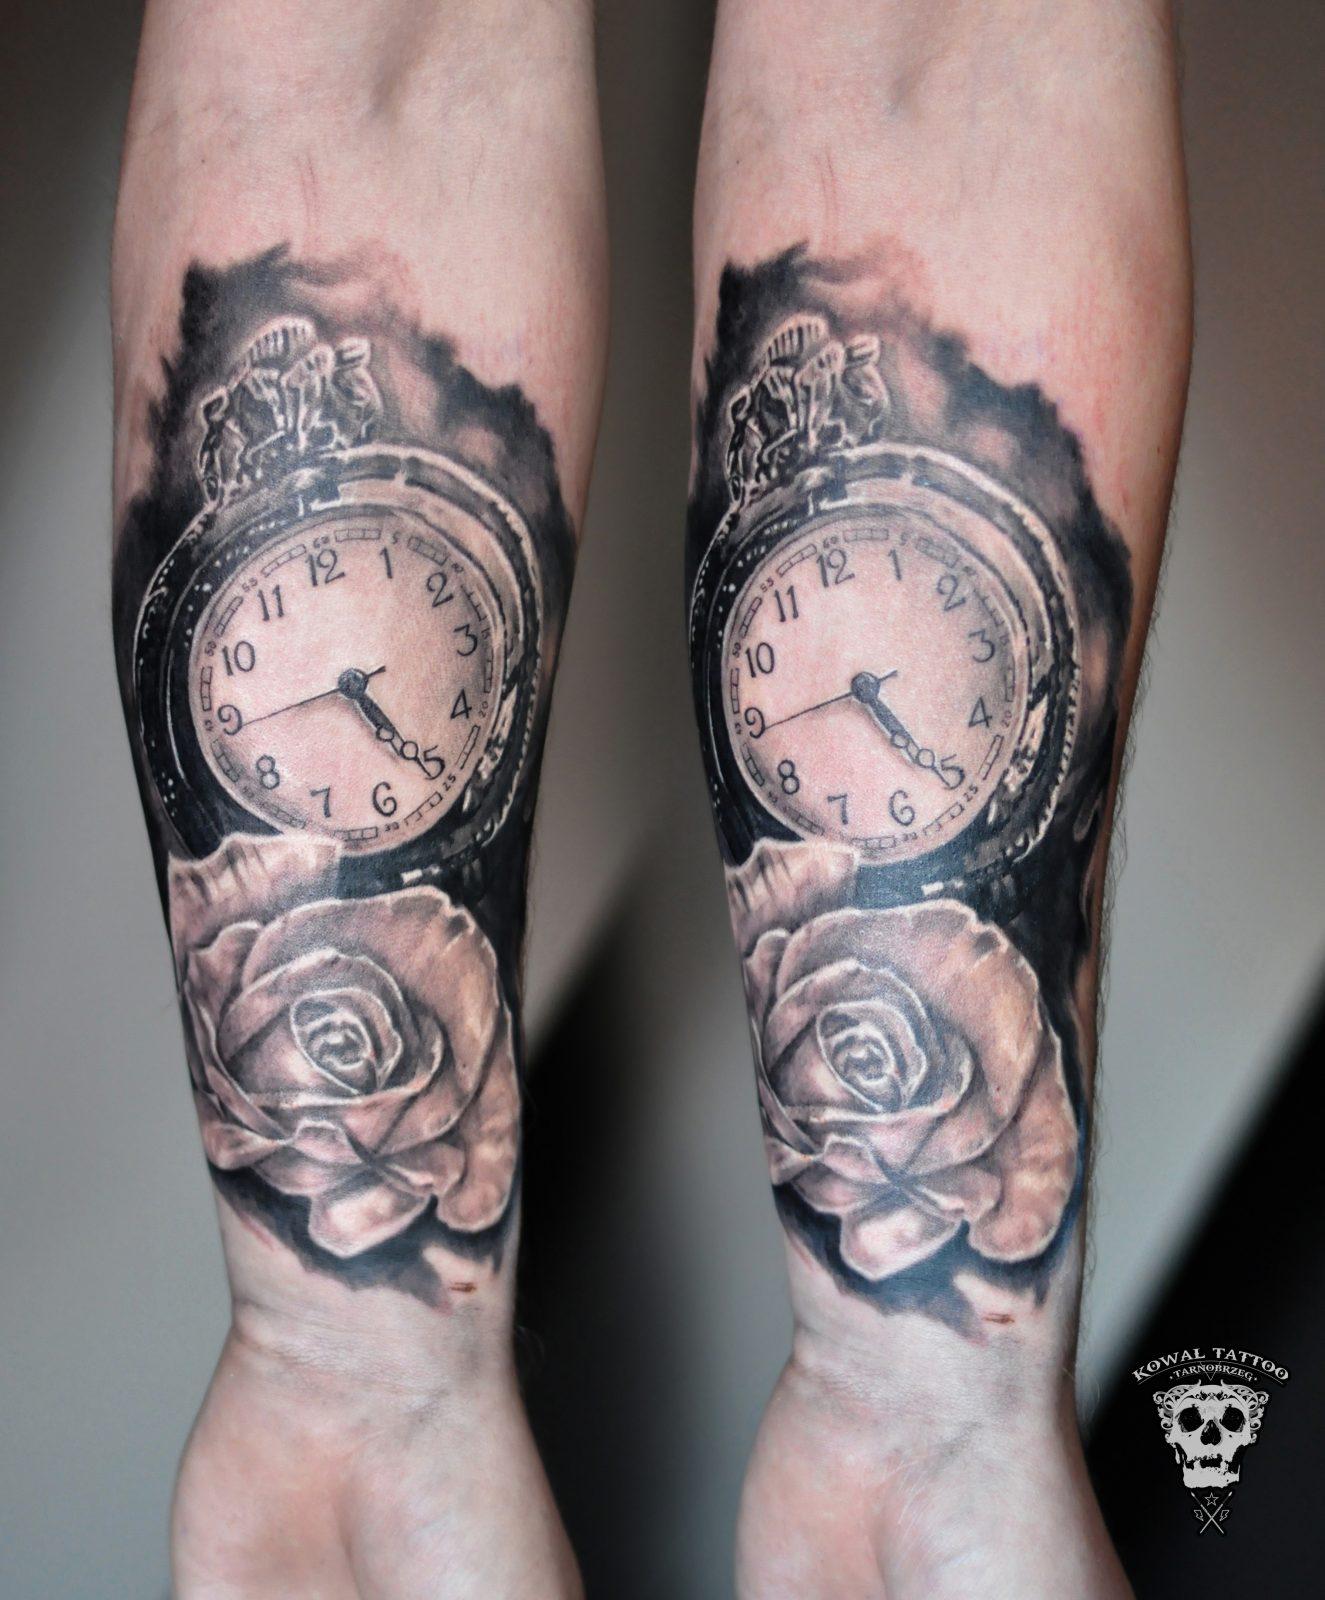 tatuaz_tarnobrzeg_77